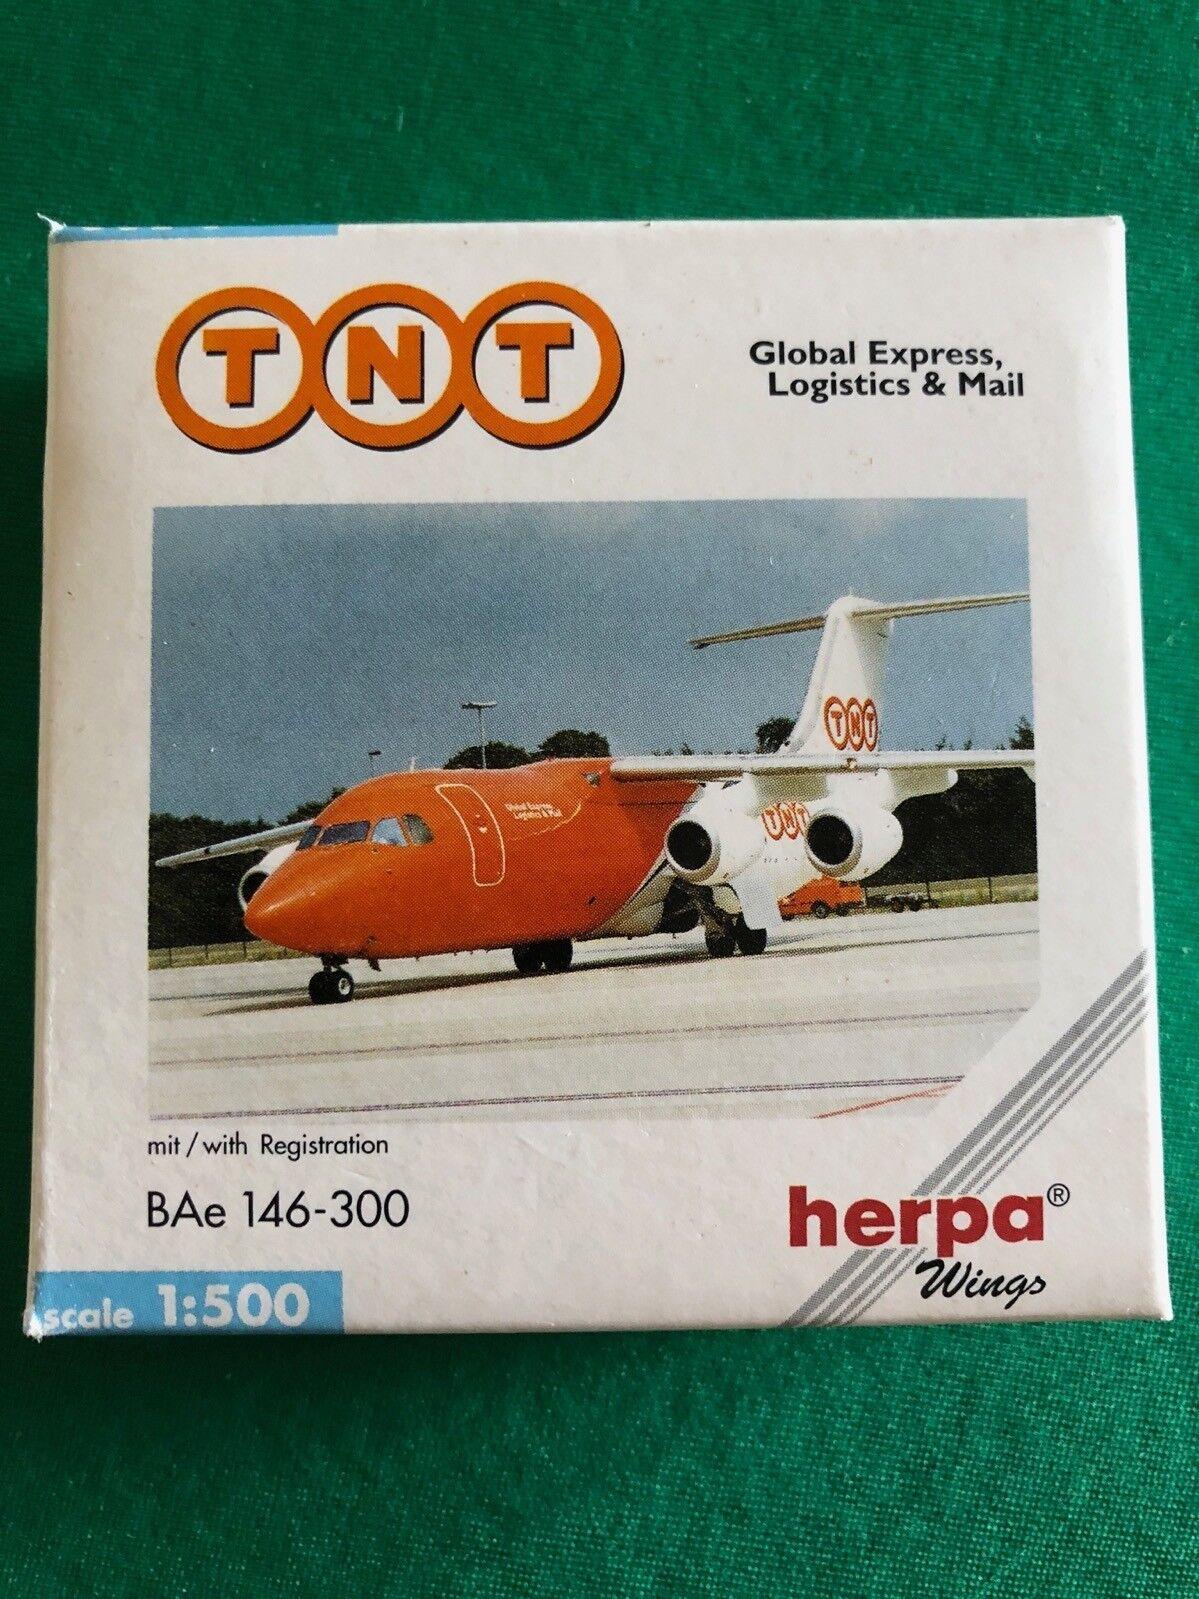 BAe 146-300 TNT Global Express. Herpa Wings 1:500 - Art.-Nr. 509633